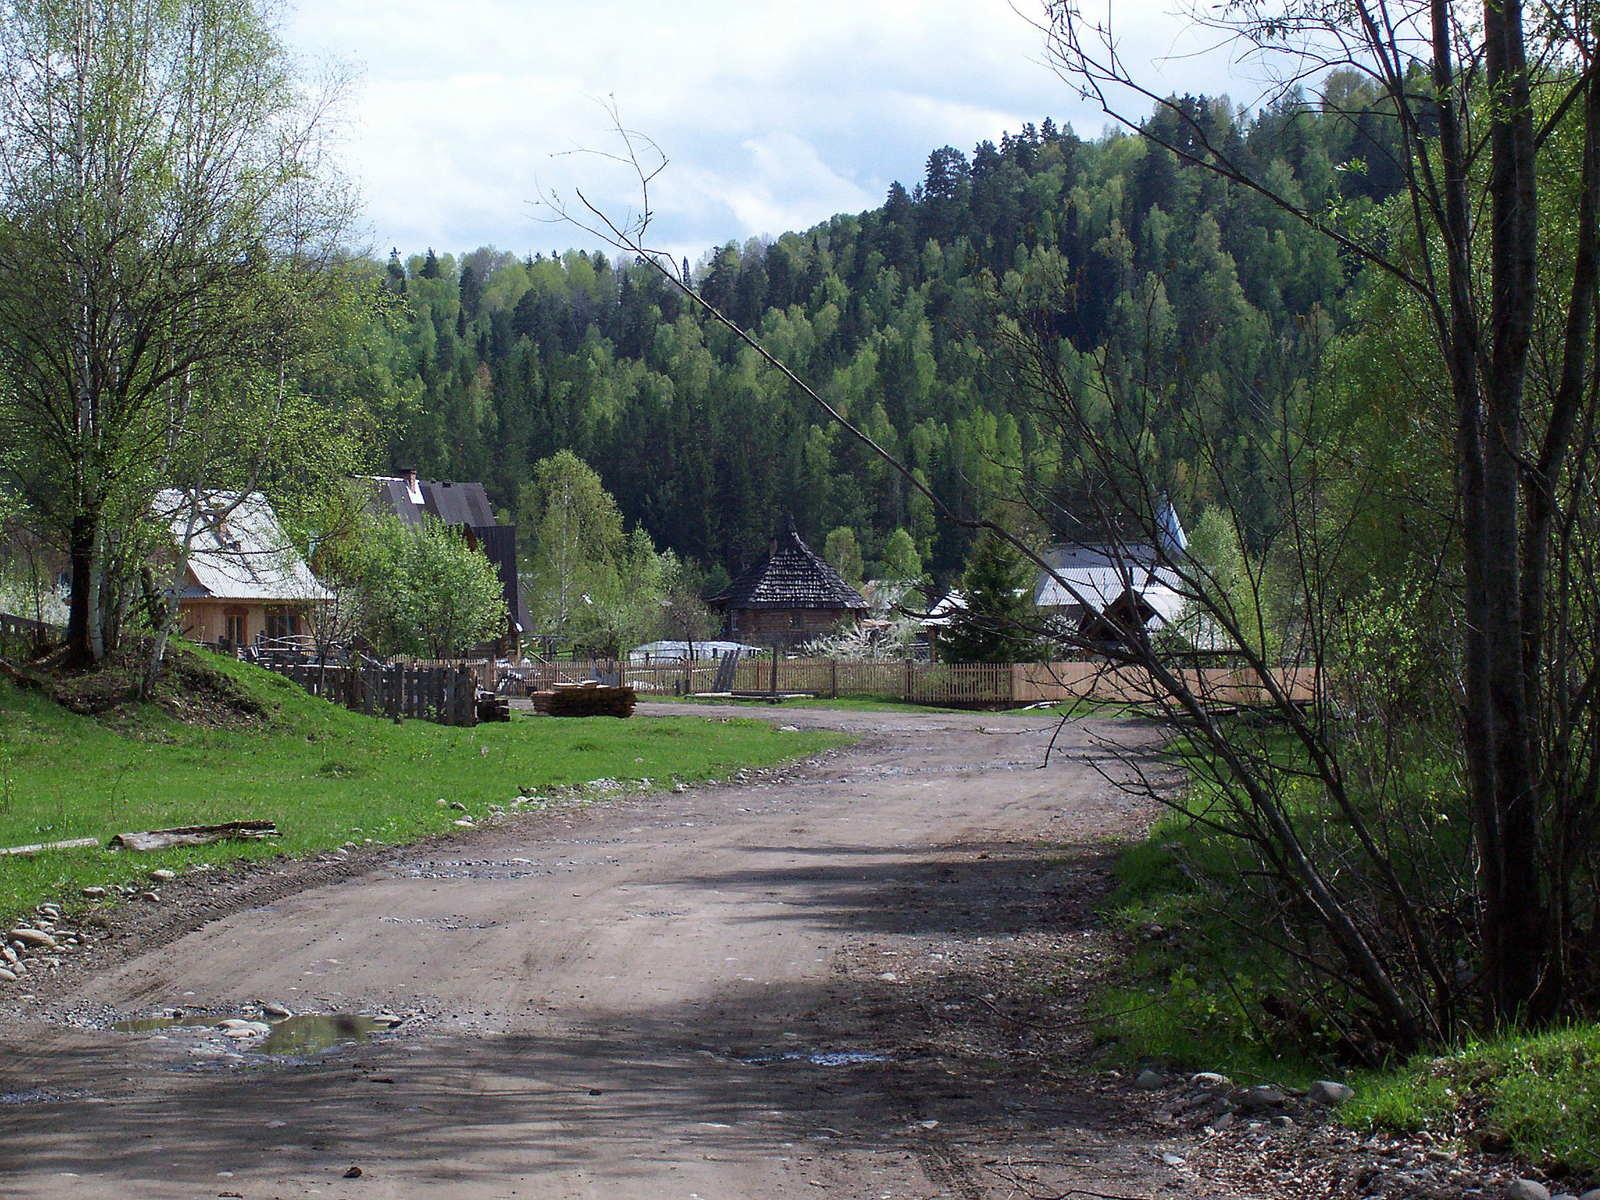 Посёлок Жаровск. Автор фото: Кром Игорь